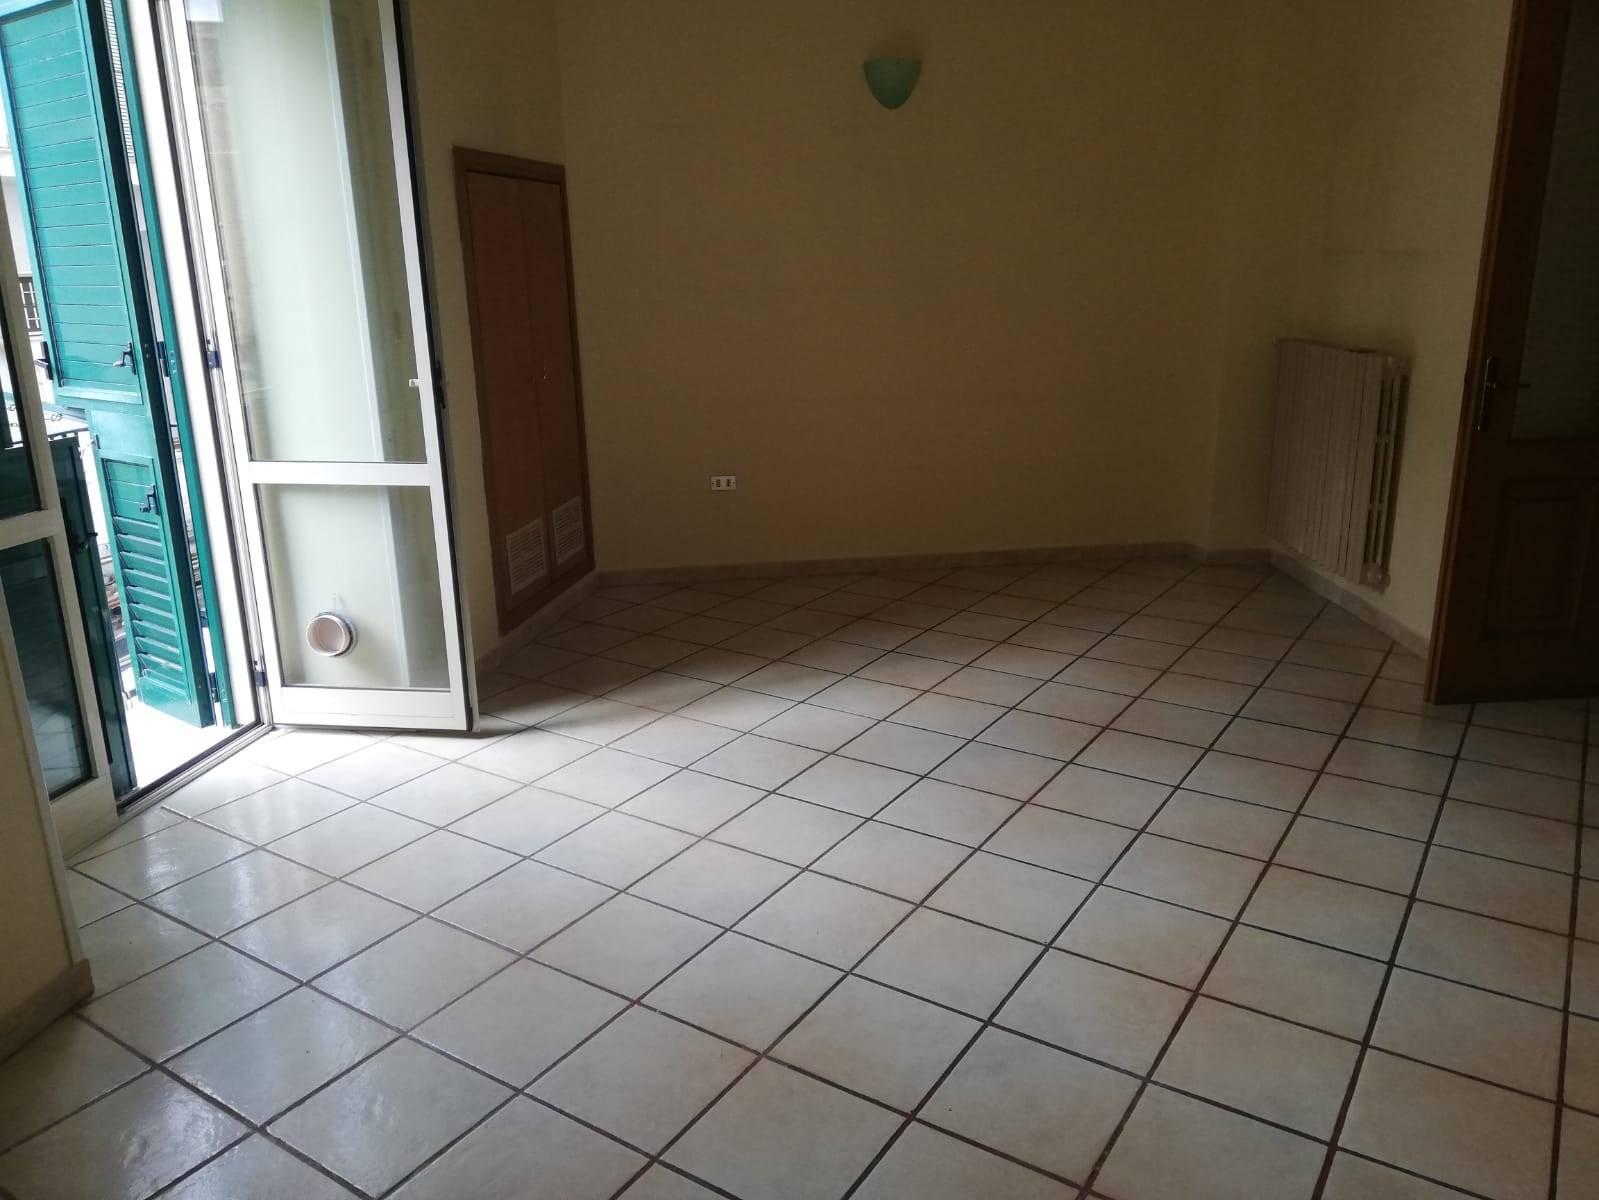 Appartamento in vendita a Nola, 3 locali, zona Località: NOLA, prezzo € 125.000   PortaleAgenzieImmobiliari.it